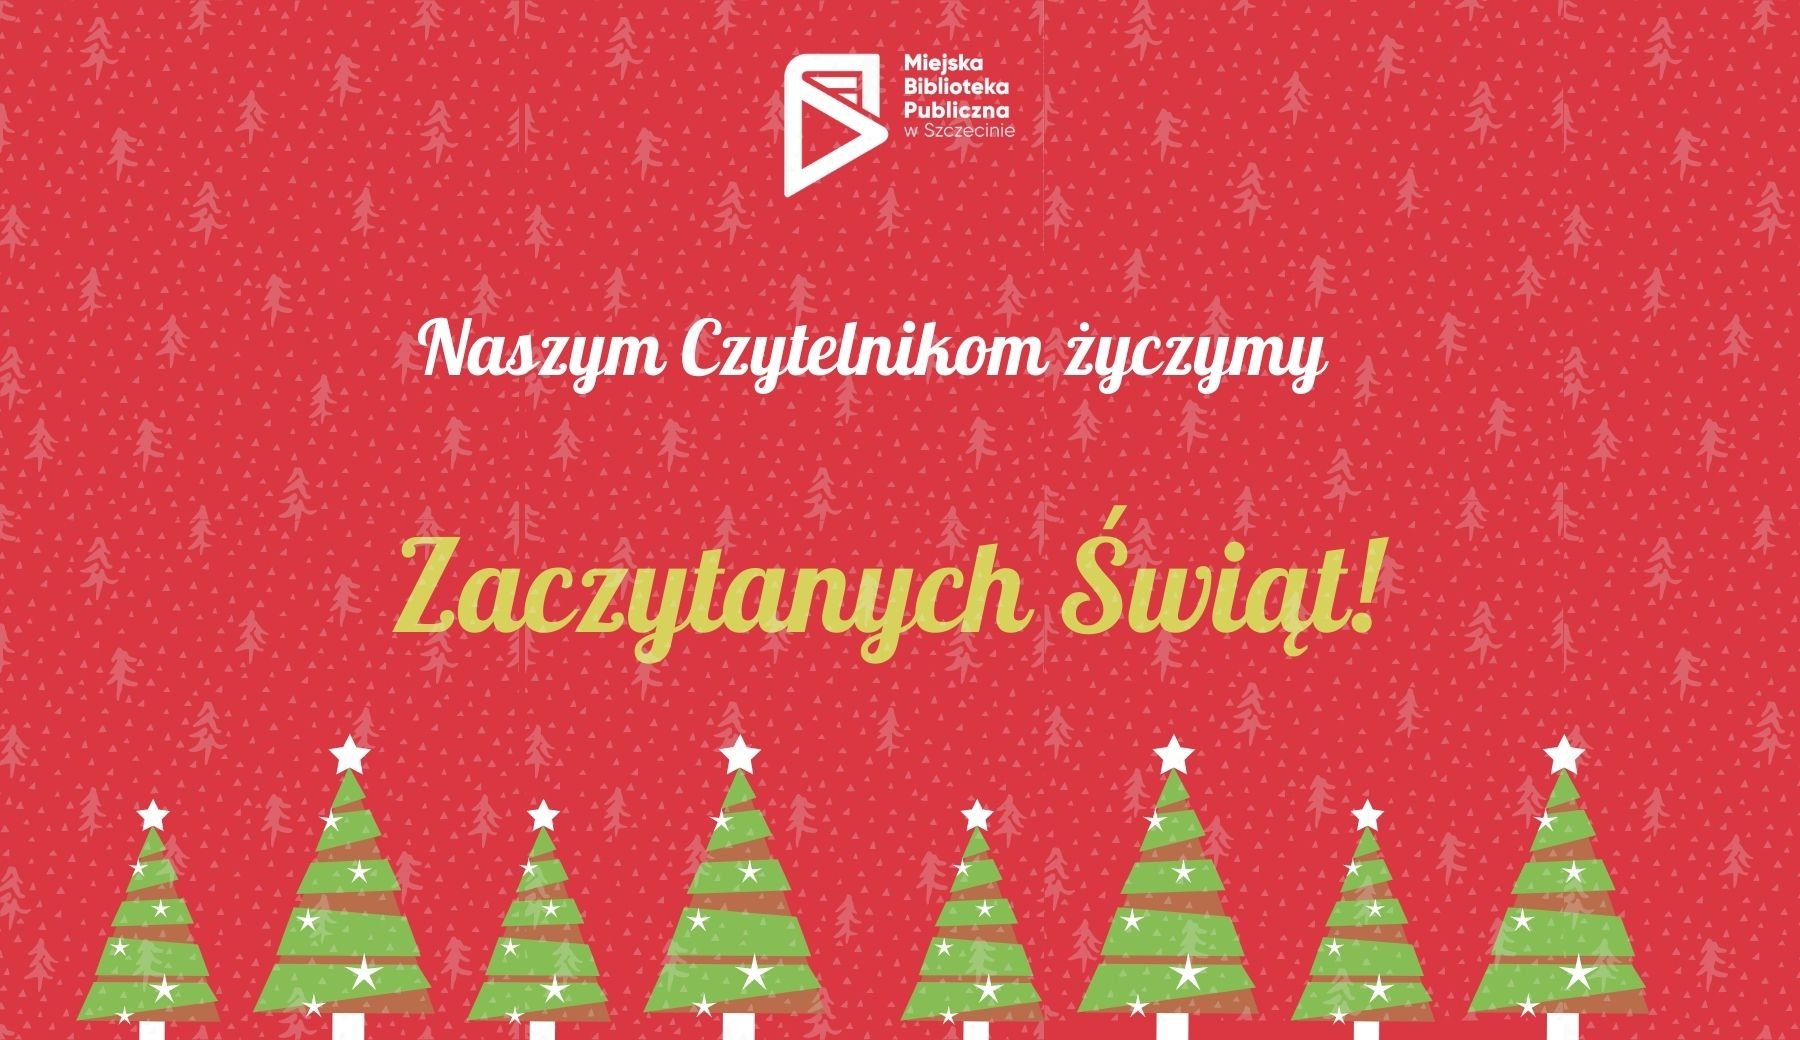 Zaczytanych Świąt i wszystkiego książkowego w Nowym Roku!